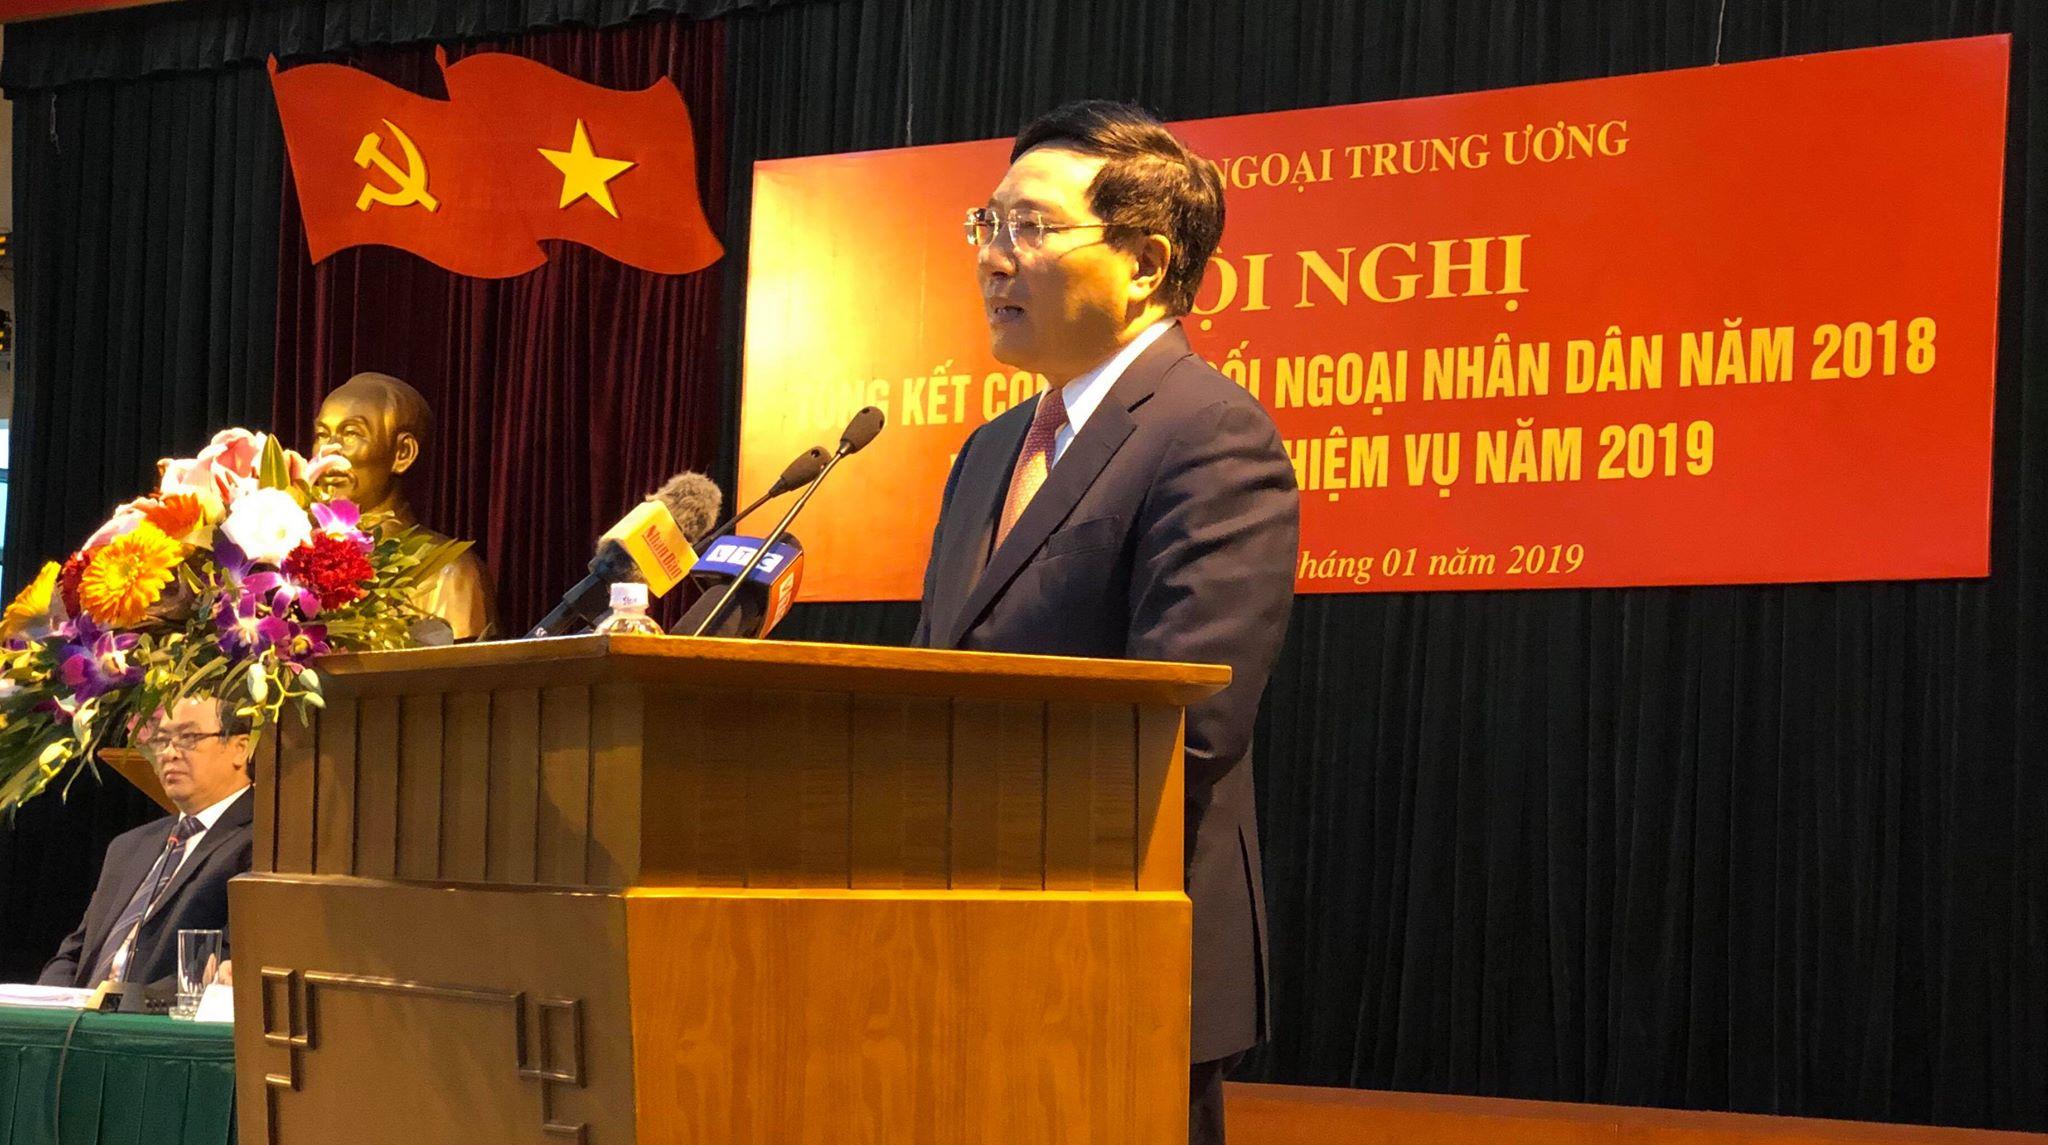 Tiếp tục thúc đẩy, nâng cao hiệu quả công tác đối ngoại nhân dân